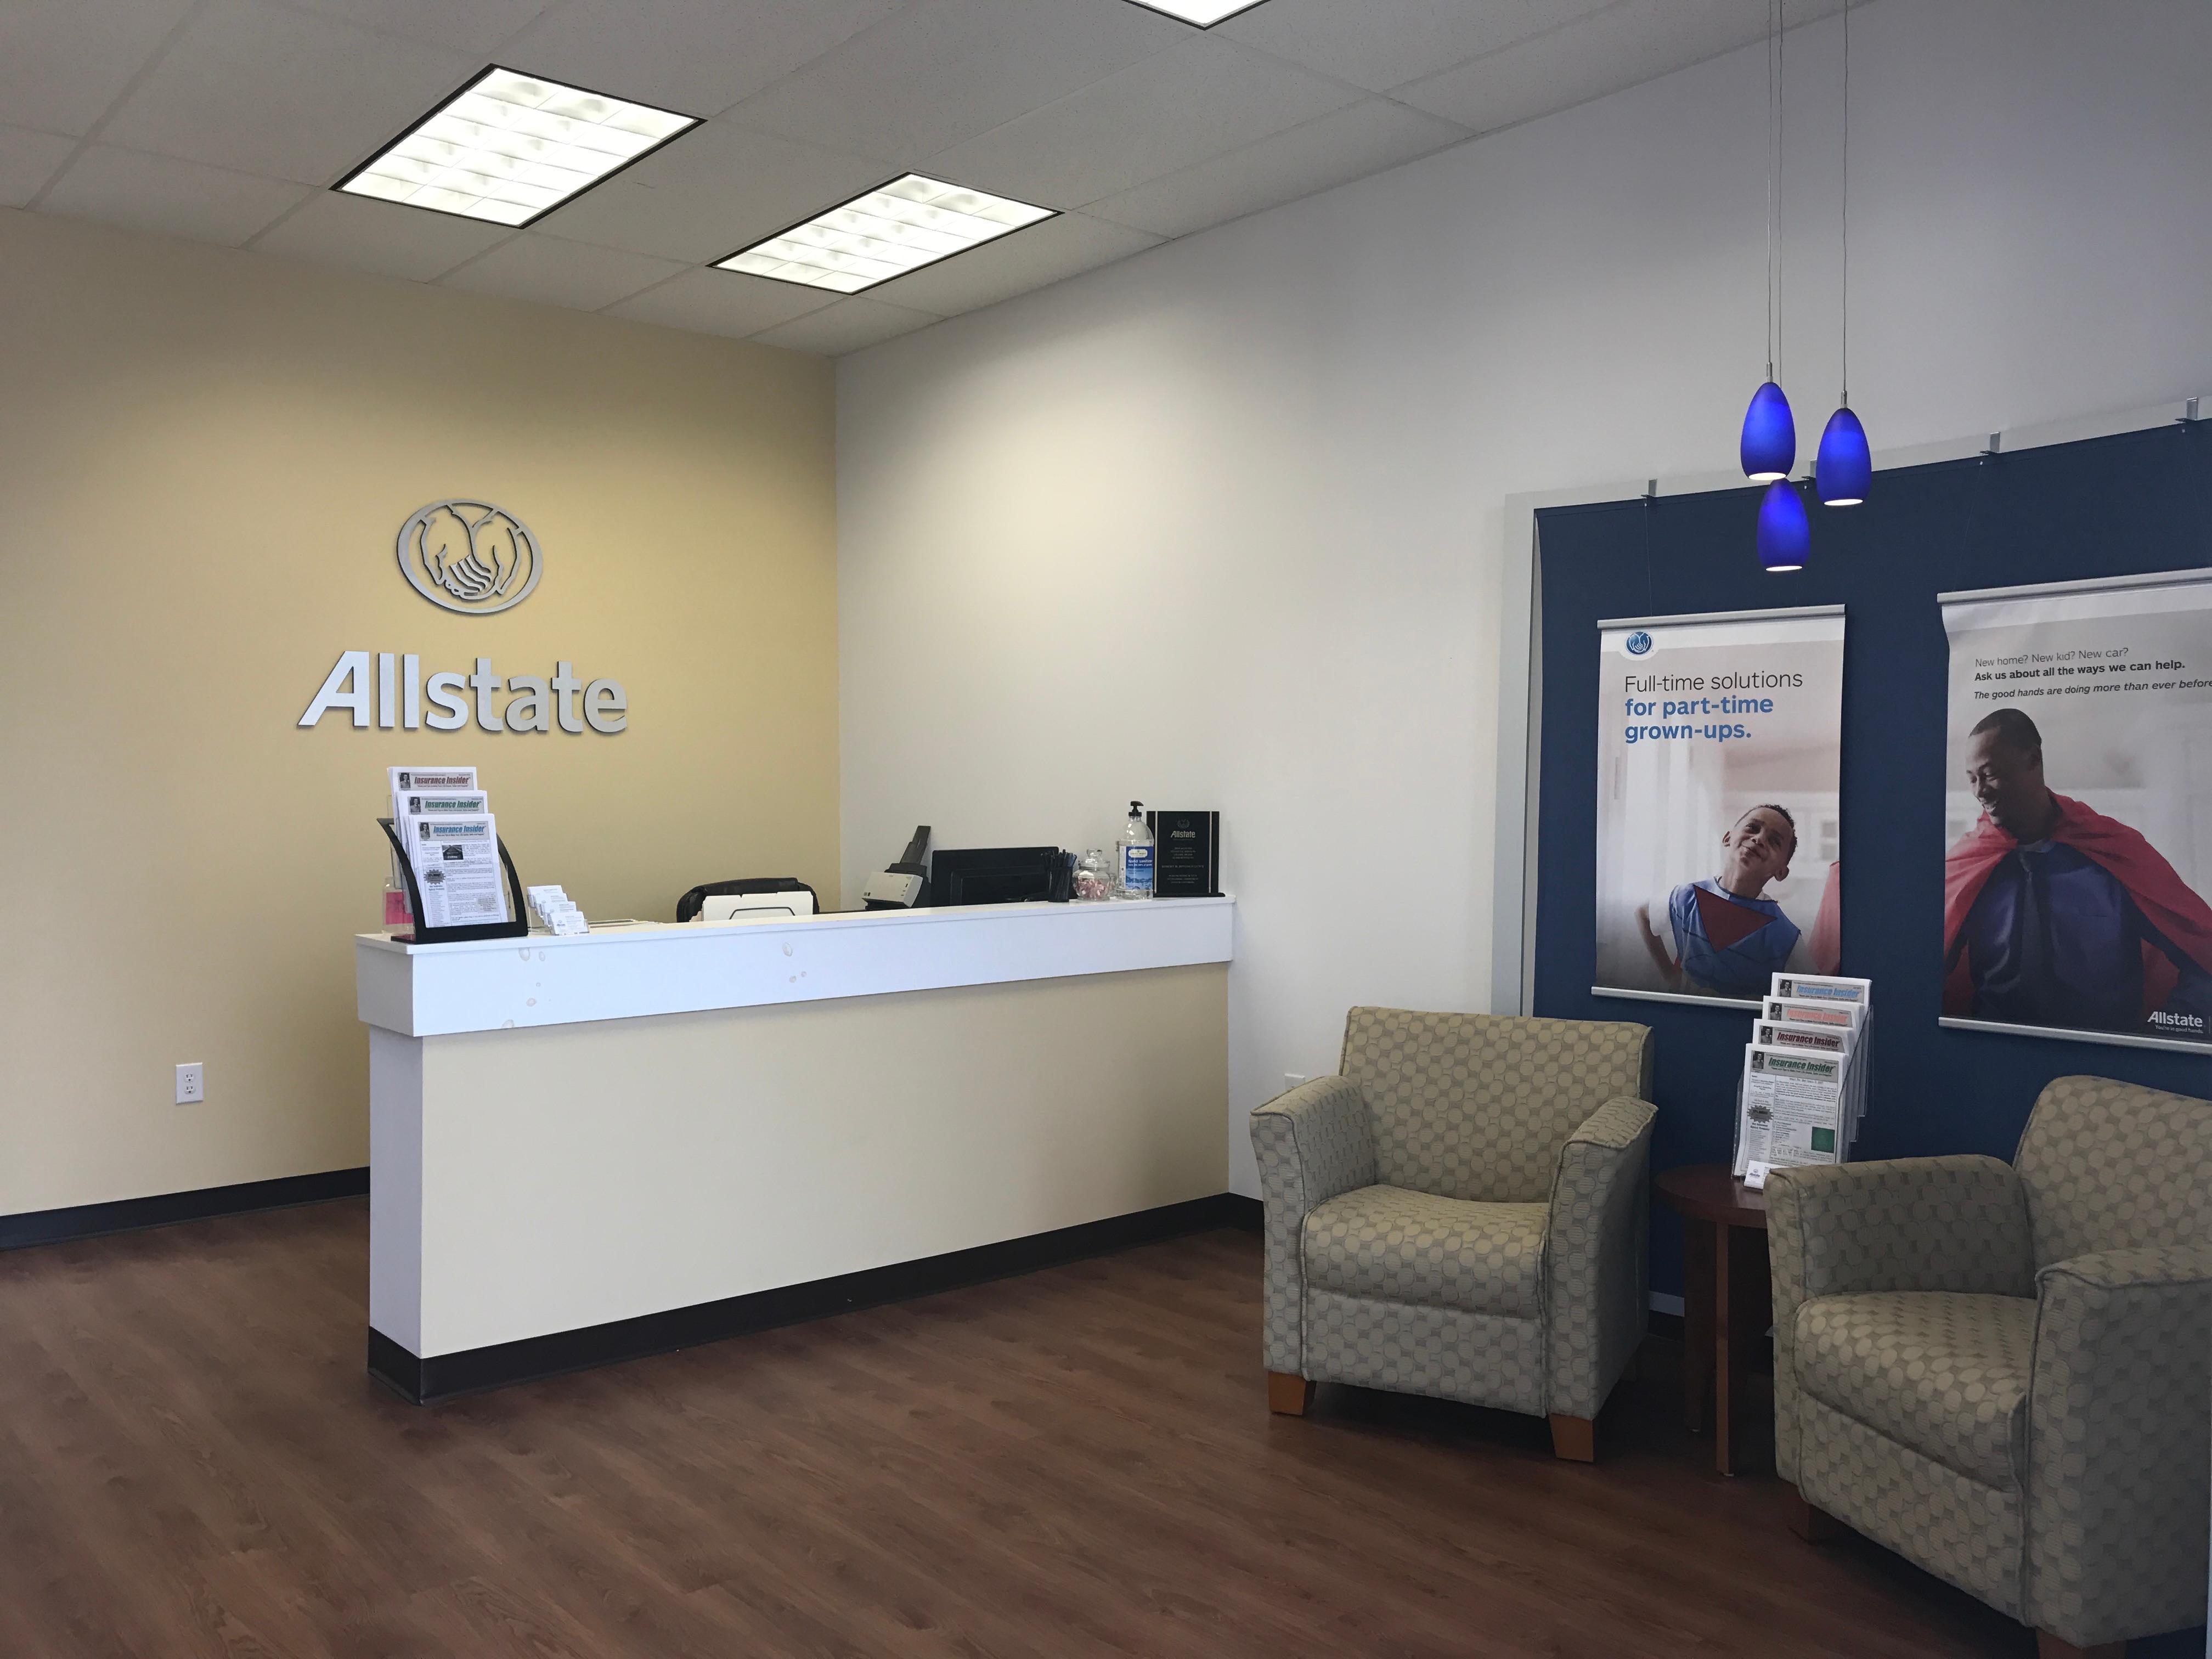 Allstate Quote Online Allstate Insurance Agent Robert Mzevgolis 265 E Hundred Rd